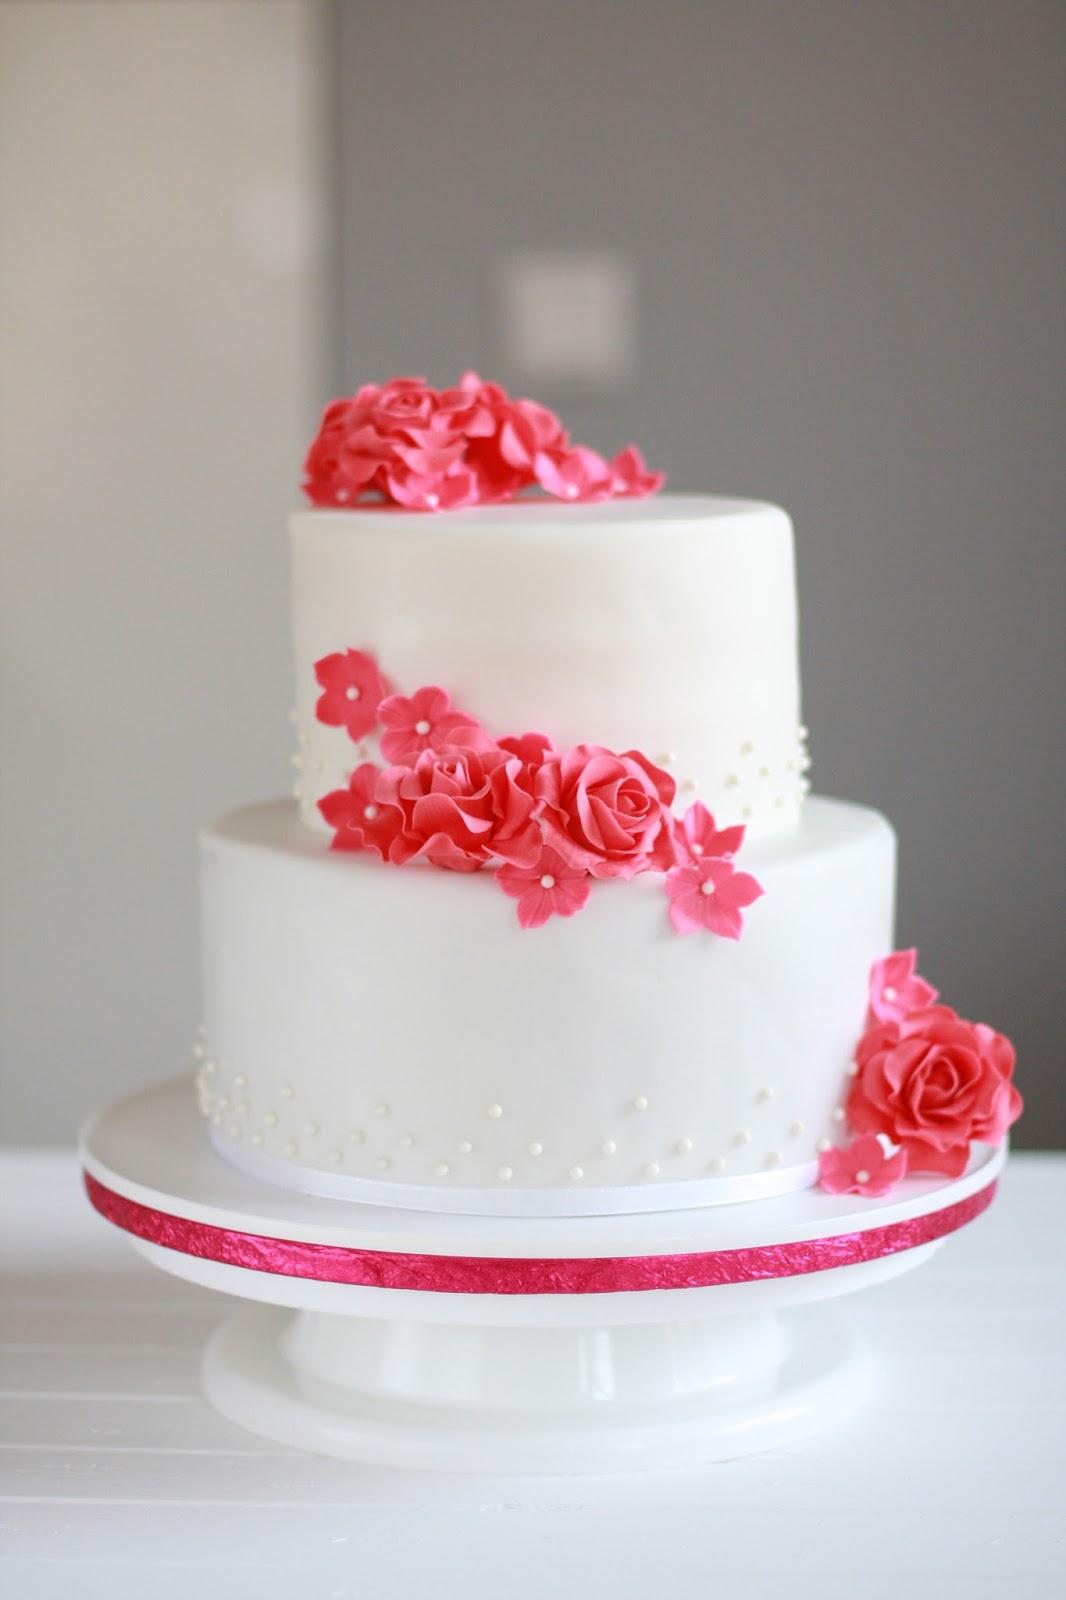 Feines Handwerk Hochzeitstorte Mit Perlen Nd Roten Rosen